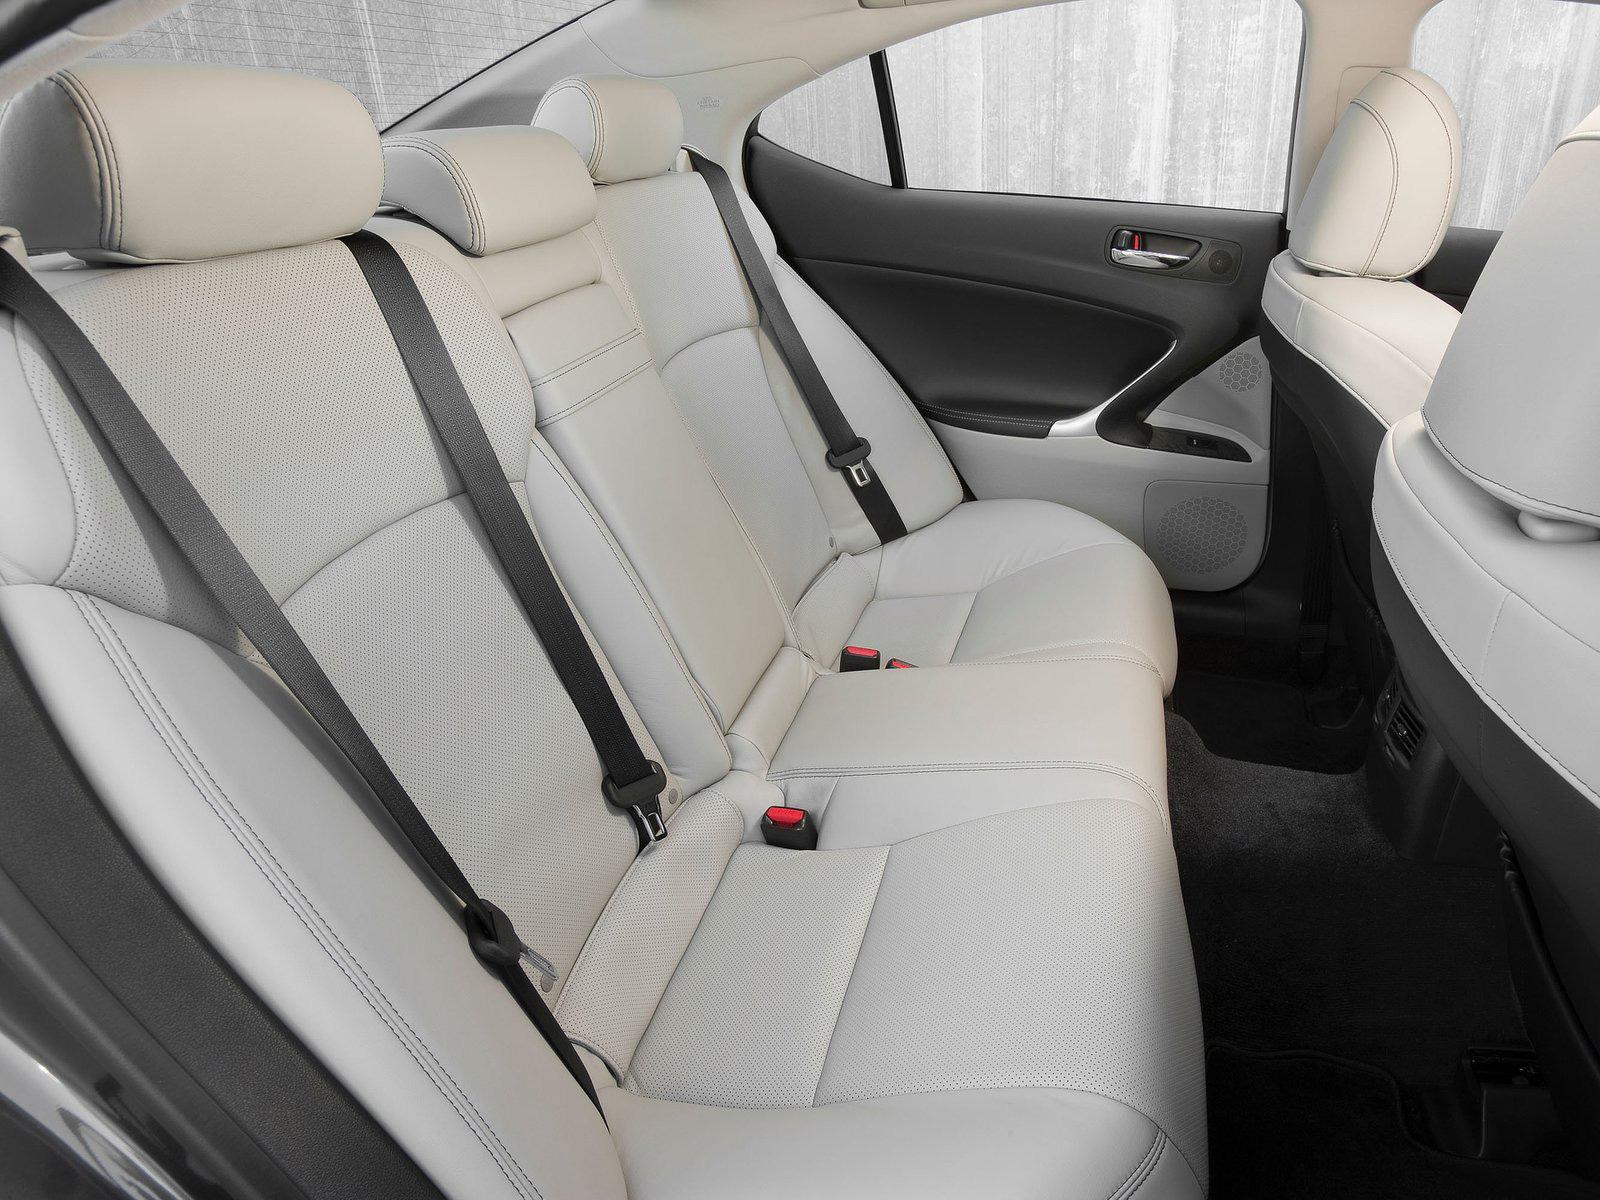 Lexus lf gh concept 2011 exterior detail 49 of 49 1600x1200 - Lexus